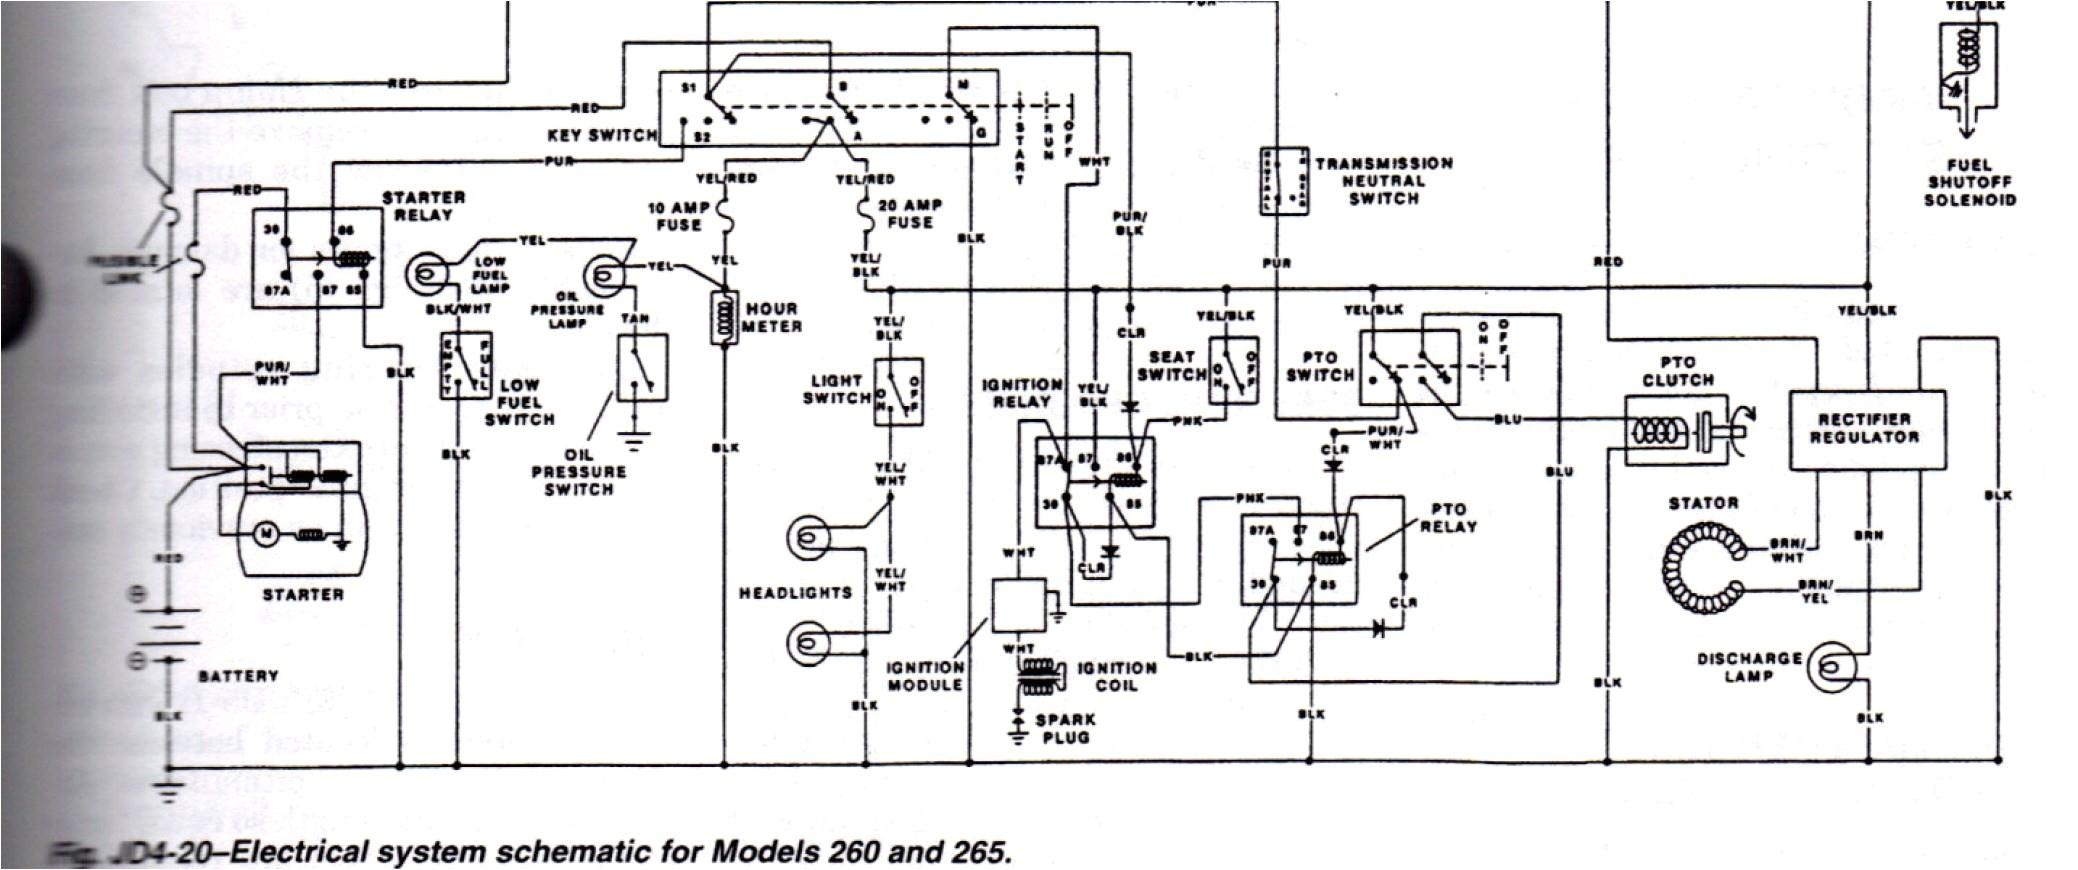 john deere 4230 wiring diagram eyelash mejohn deere lt160 wiring diagram fine lawn tractor jpg w